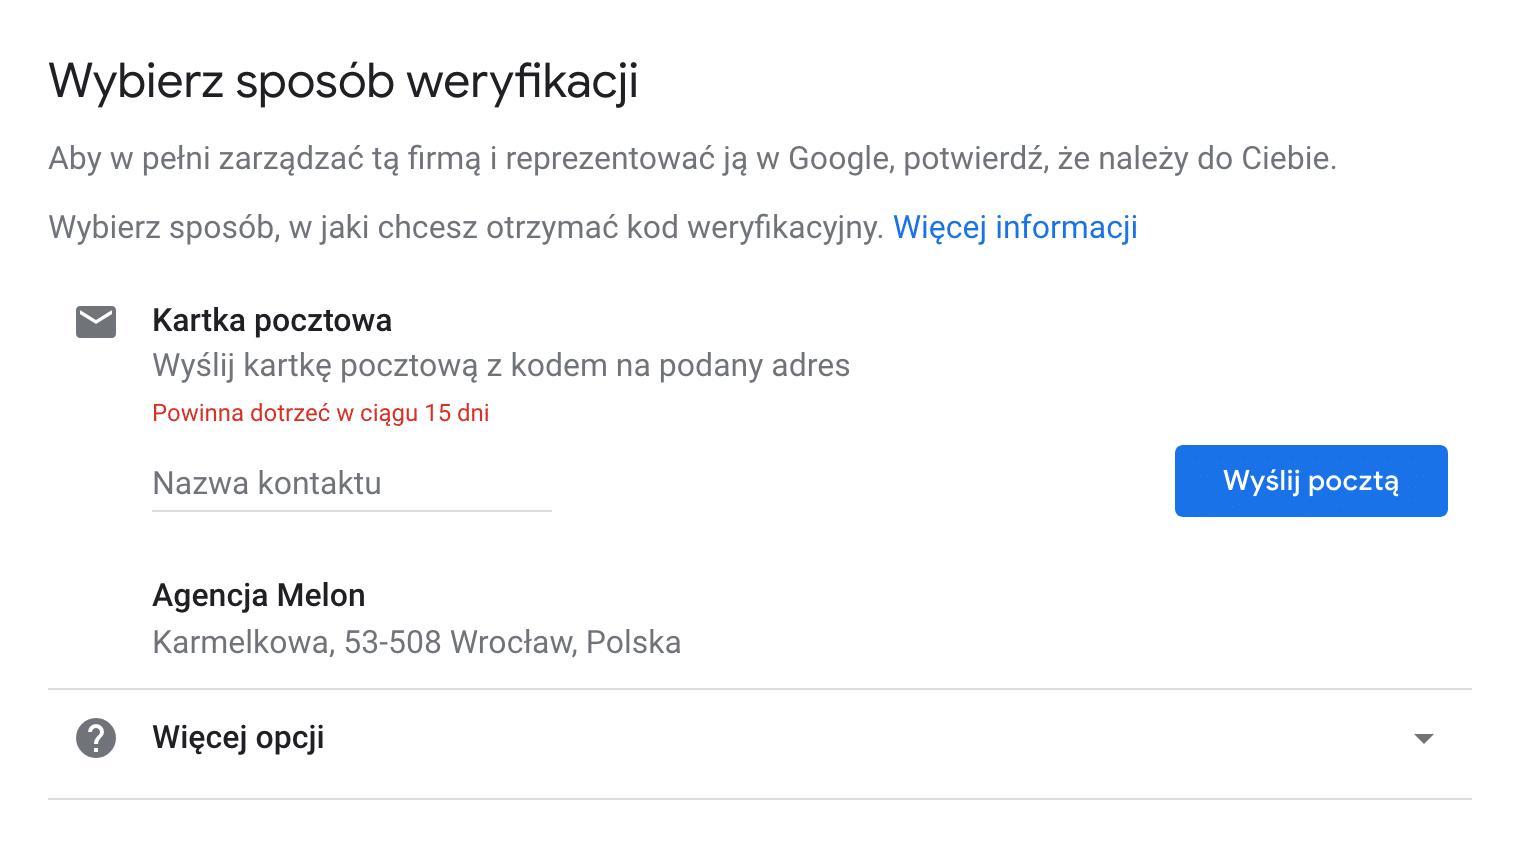 jak dodać firmę do google maps - weryfikacja pocztowa